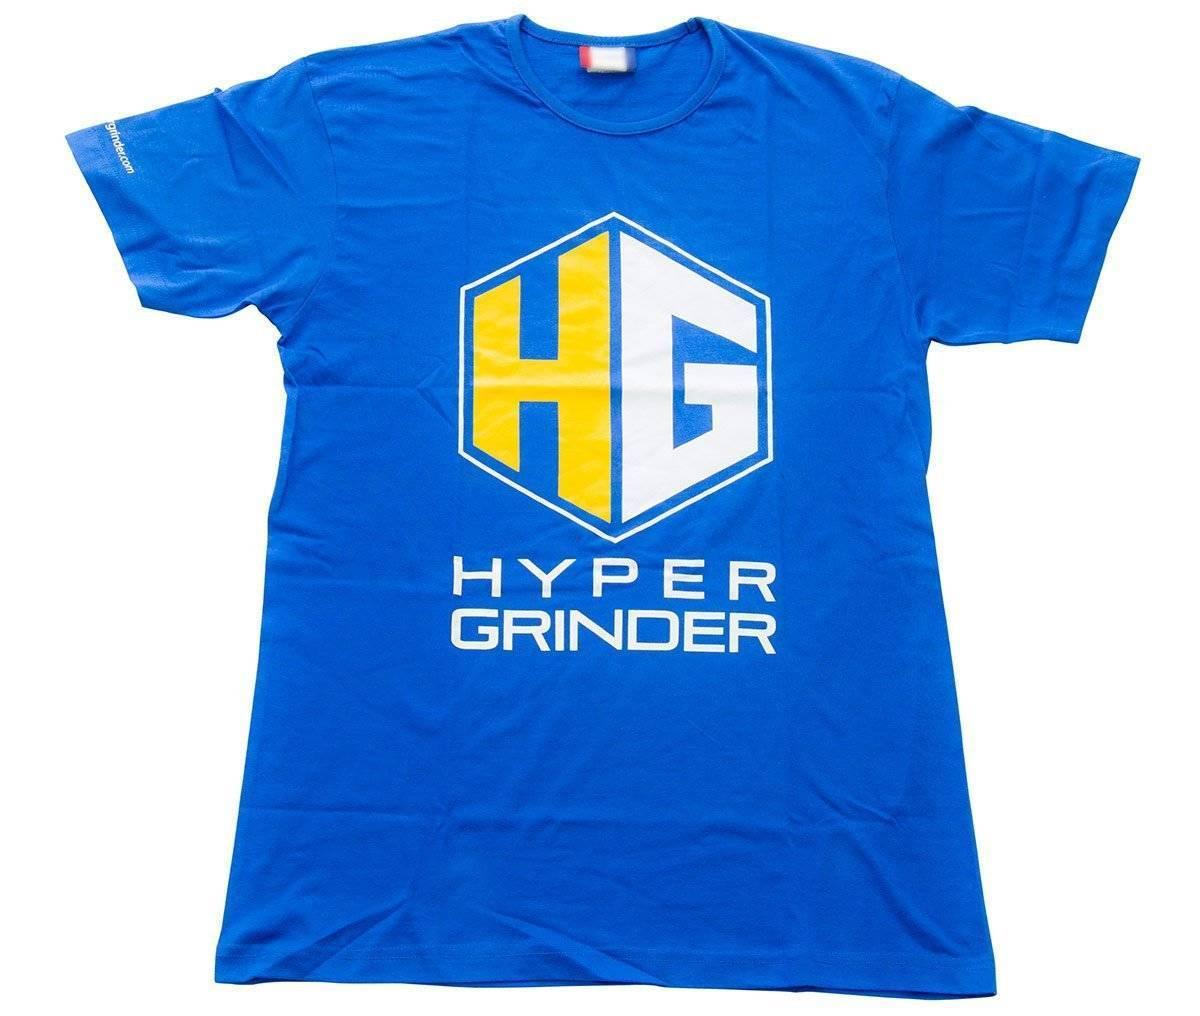 T SHIRT HG HYPER GRINDER